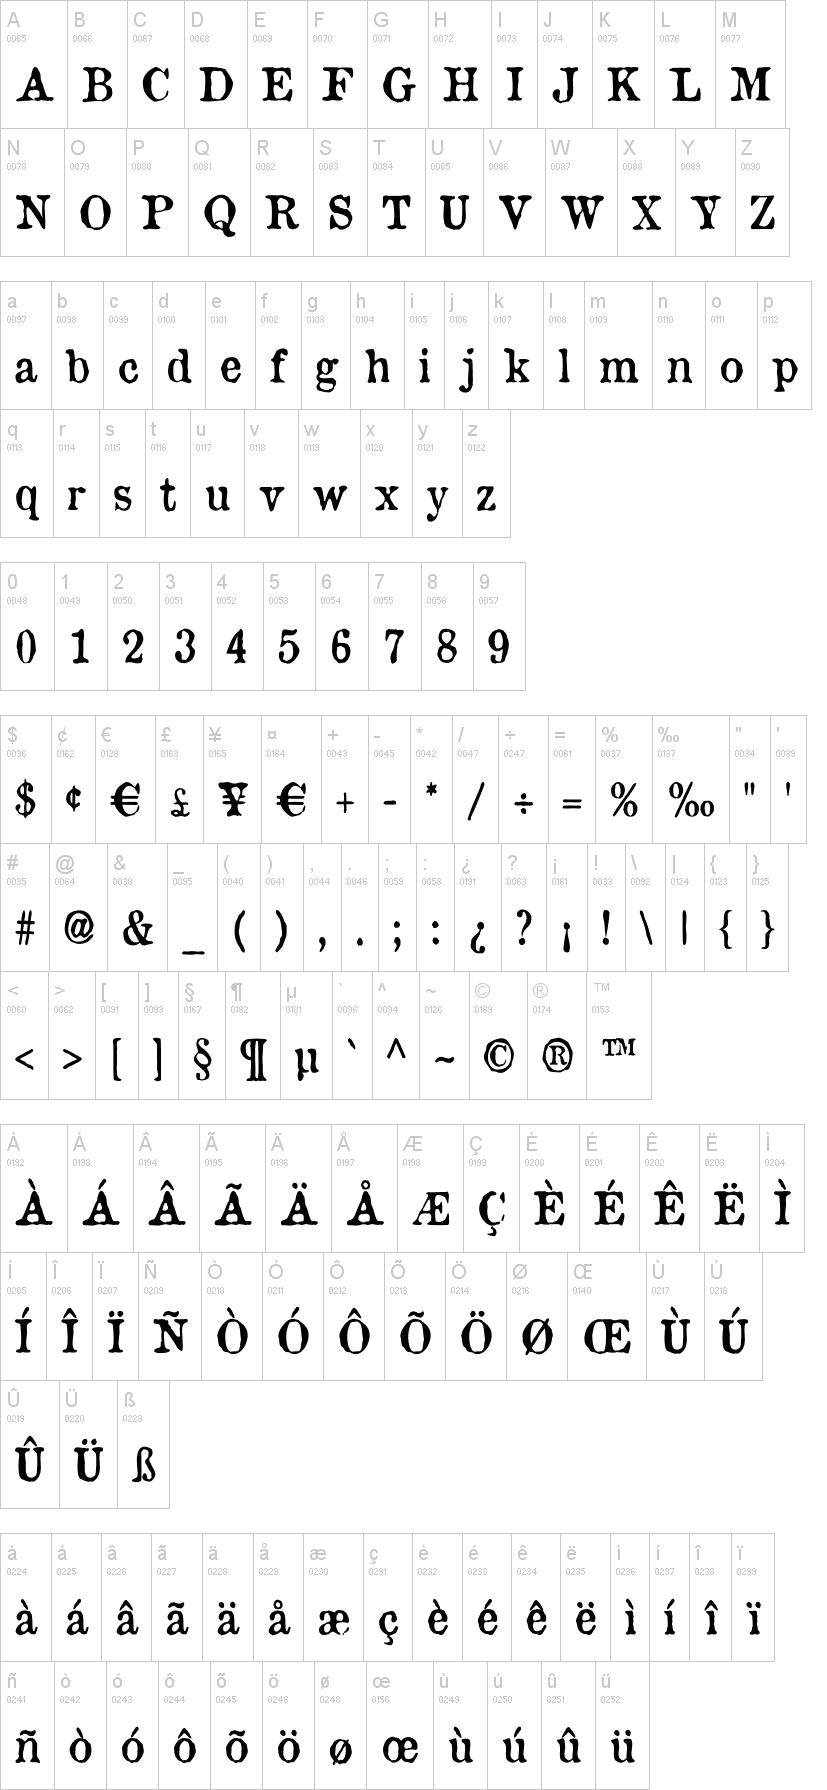 Old Newspaper Types Font Top Secret Stamp Lettering Alphabet Fonts Handwriting Alphabet